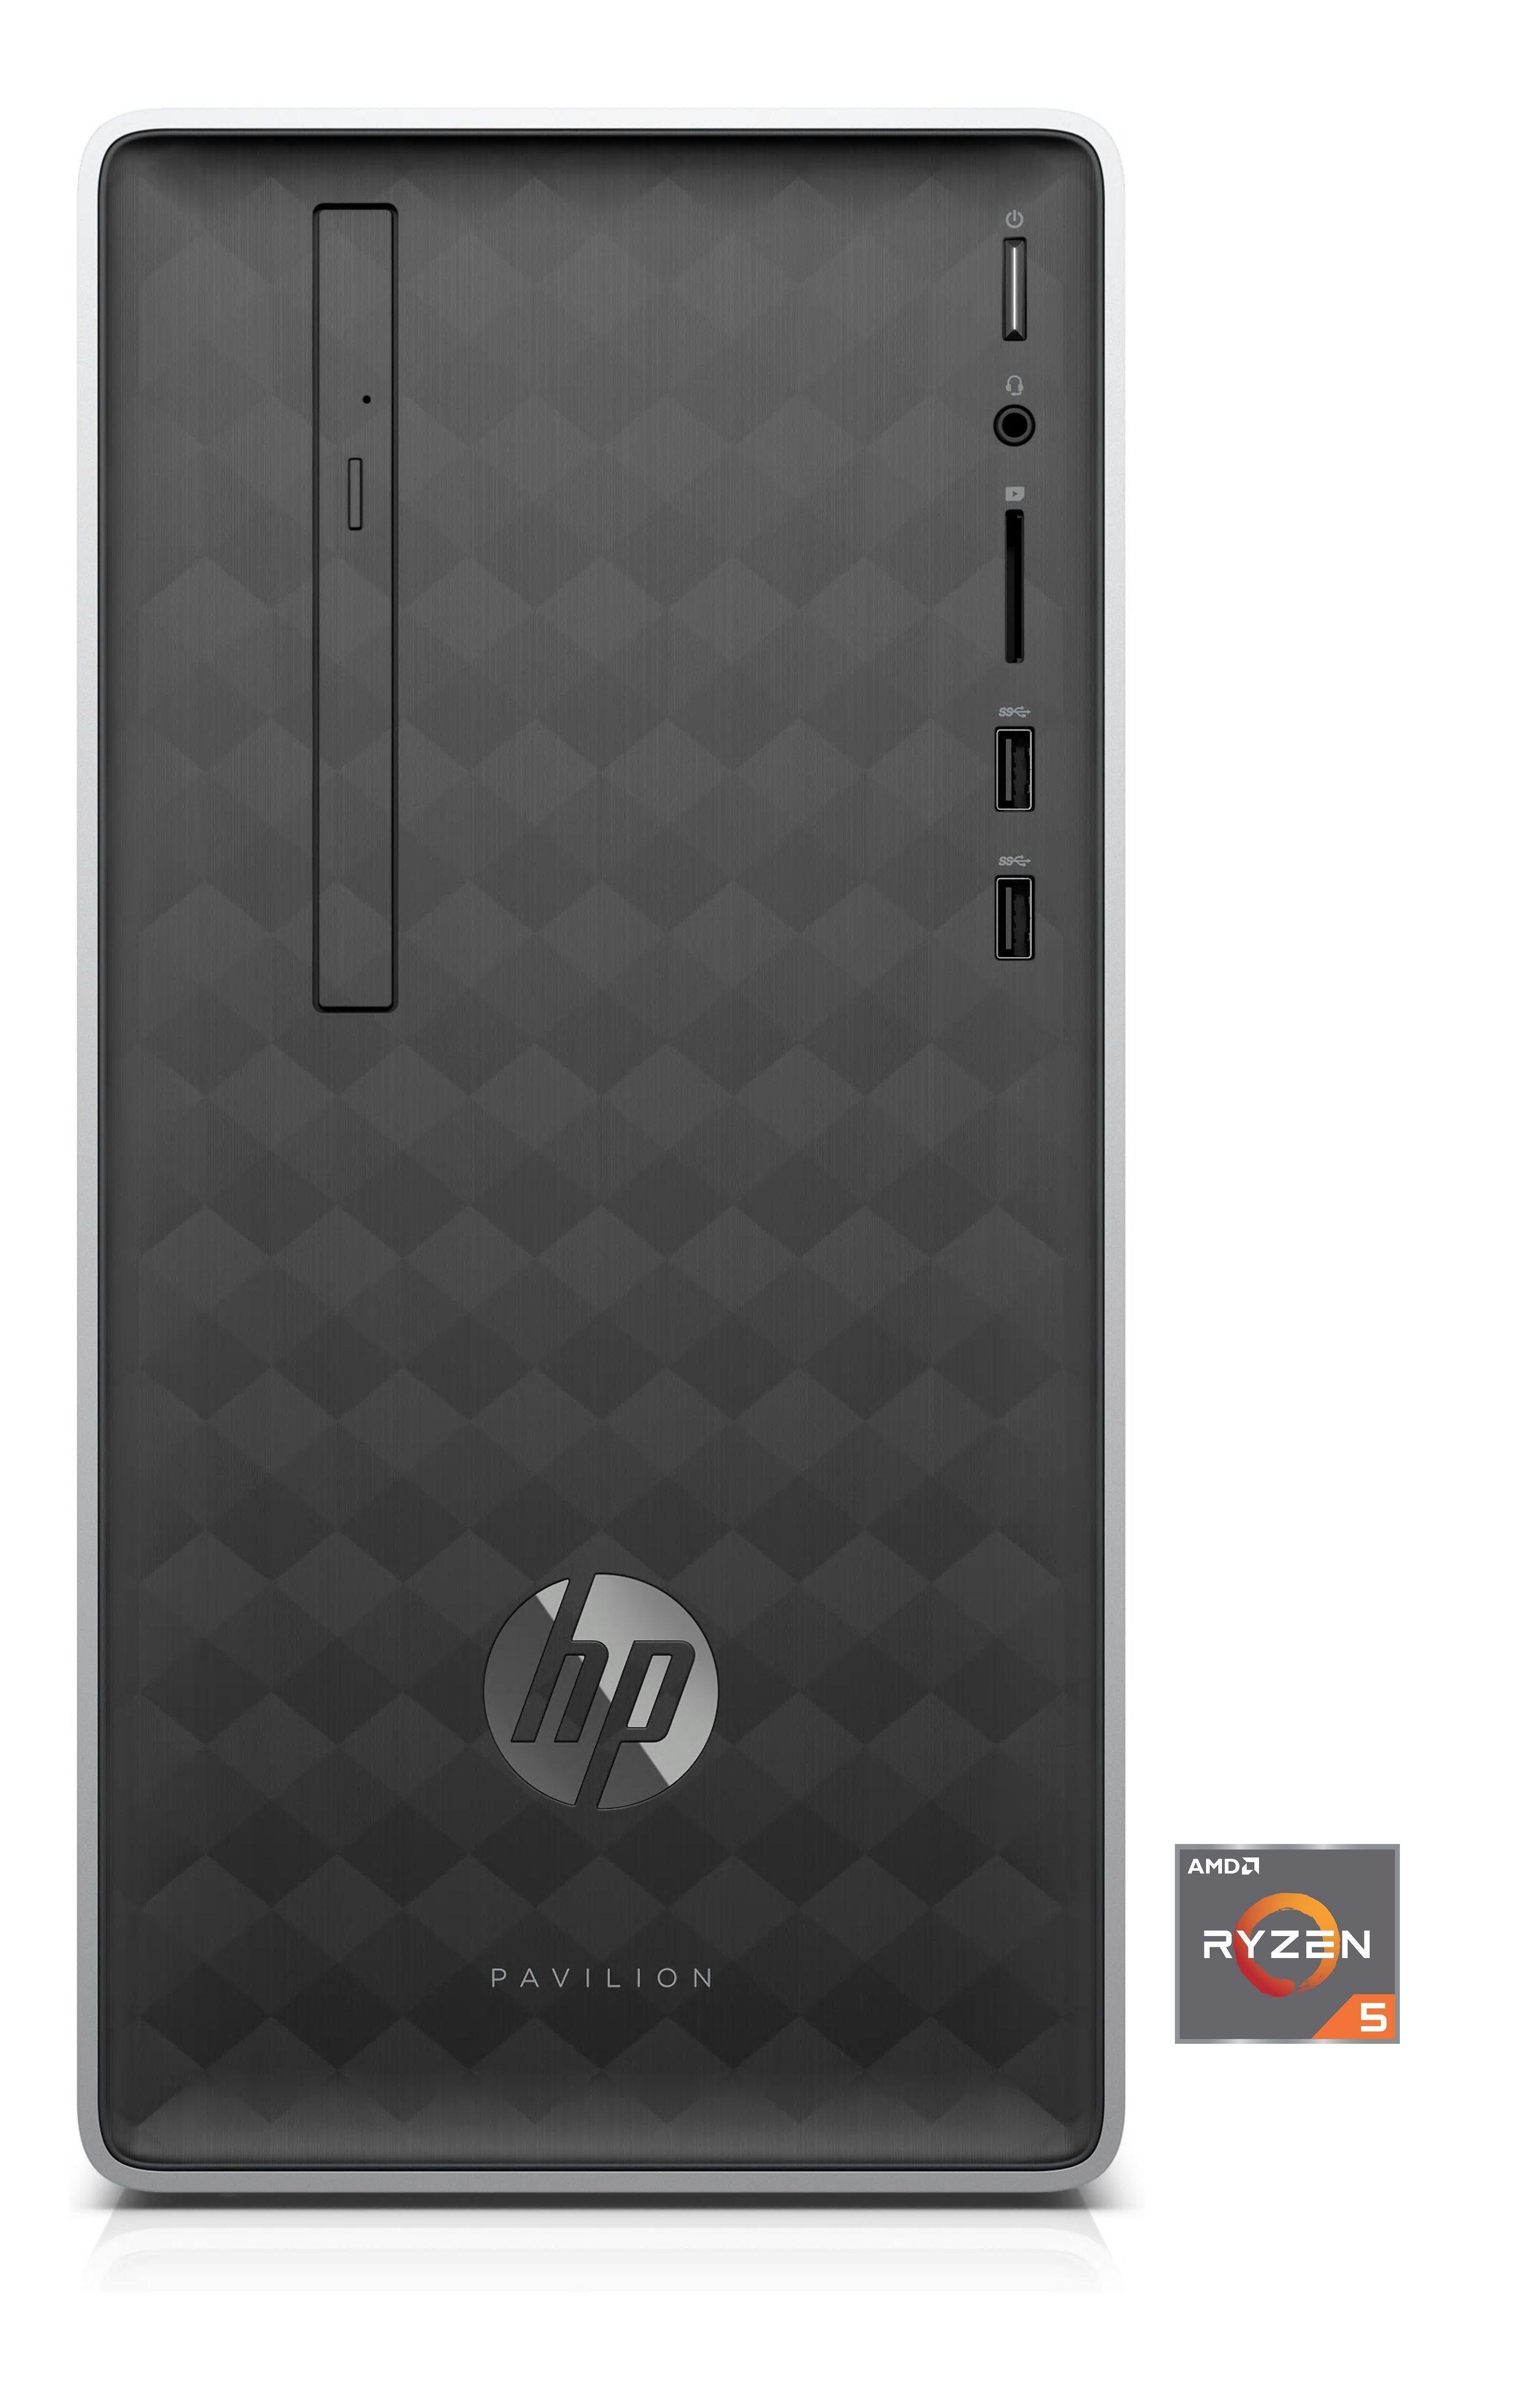 HP Pavilion 590-p0566ng Desktop PC »AMD Ryzen 5, AMD Radeon Vega 11, 256 GB+1 TB, 8 GB«